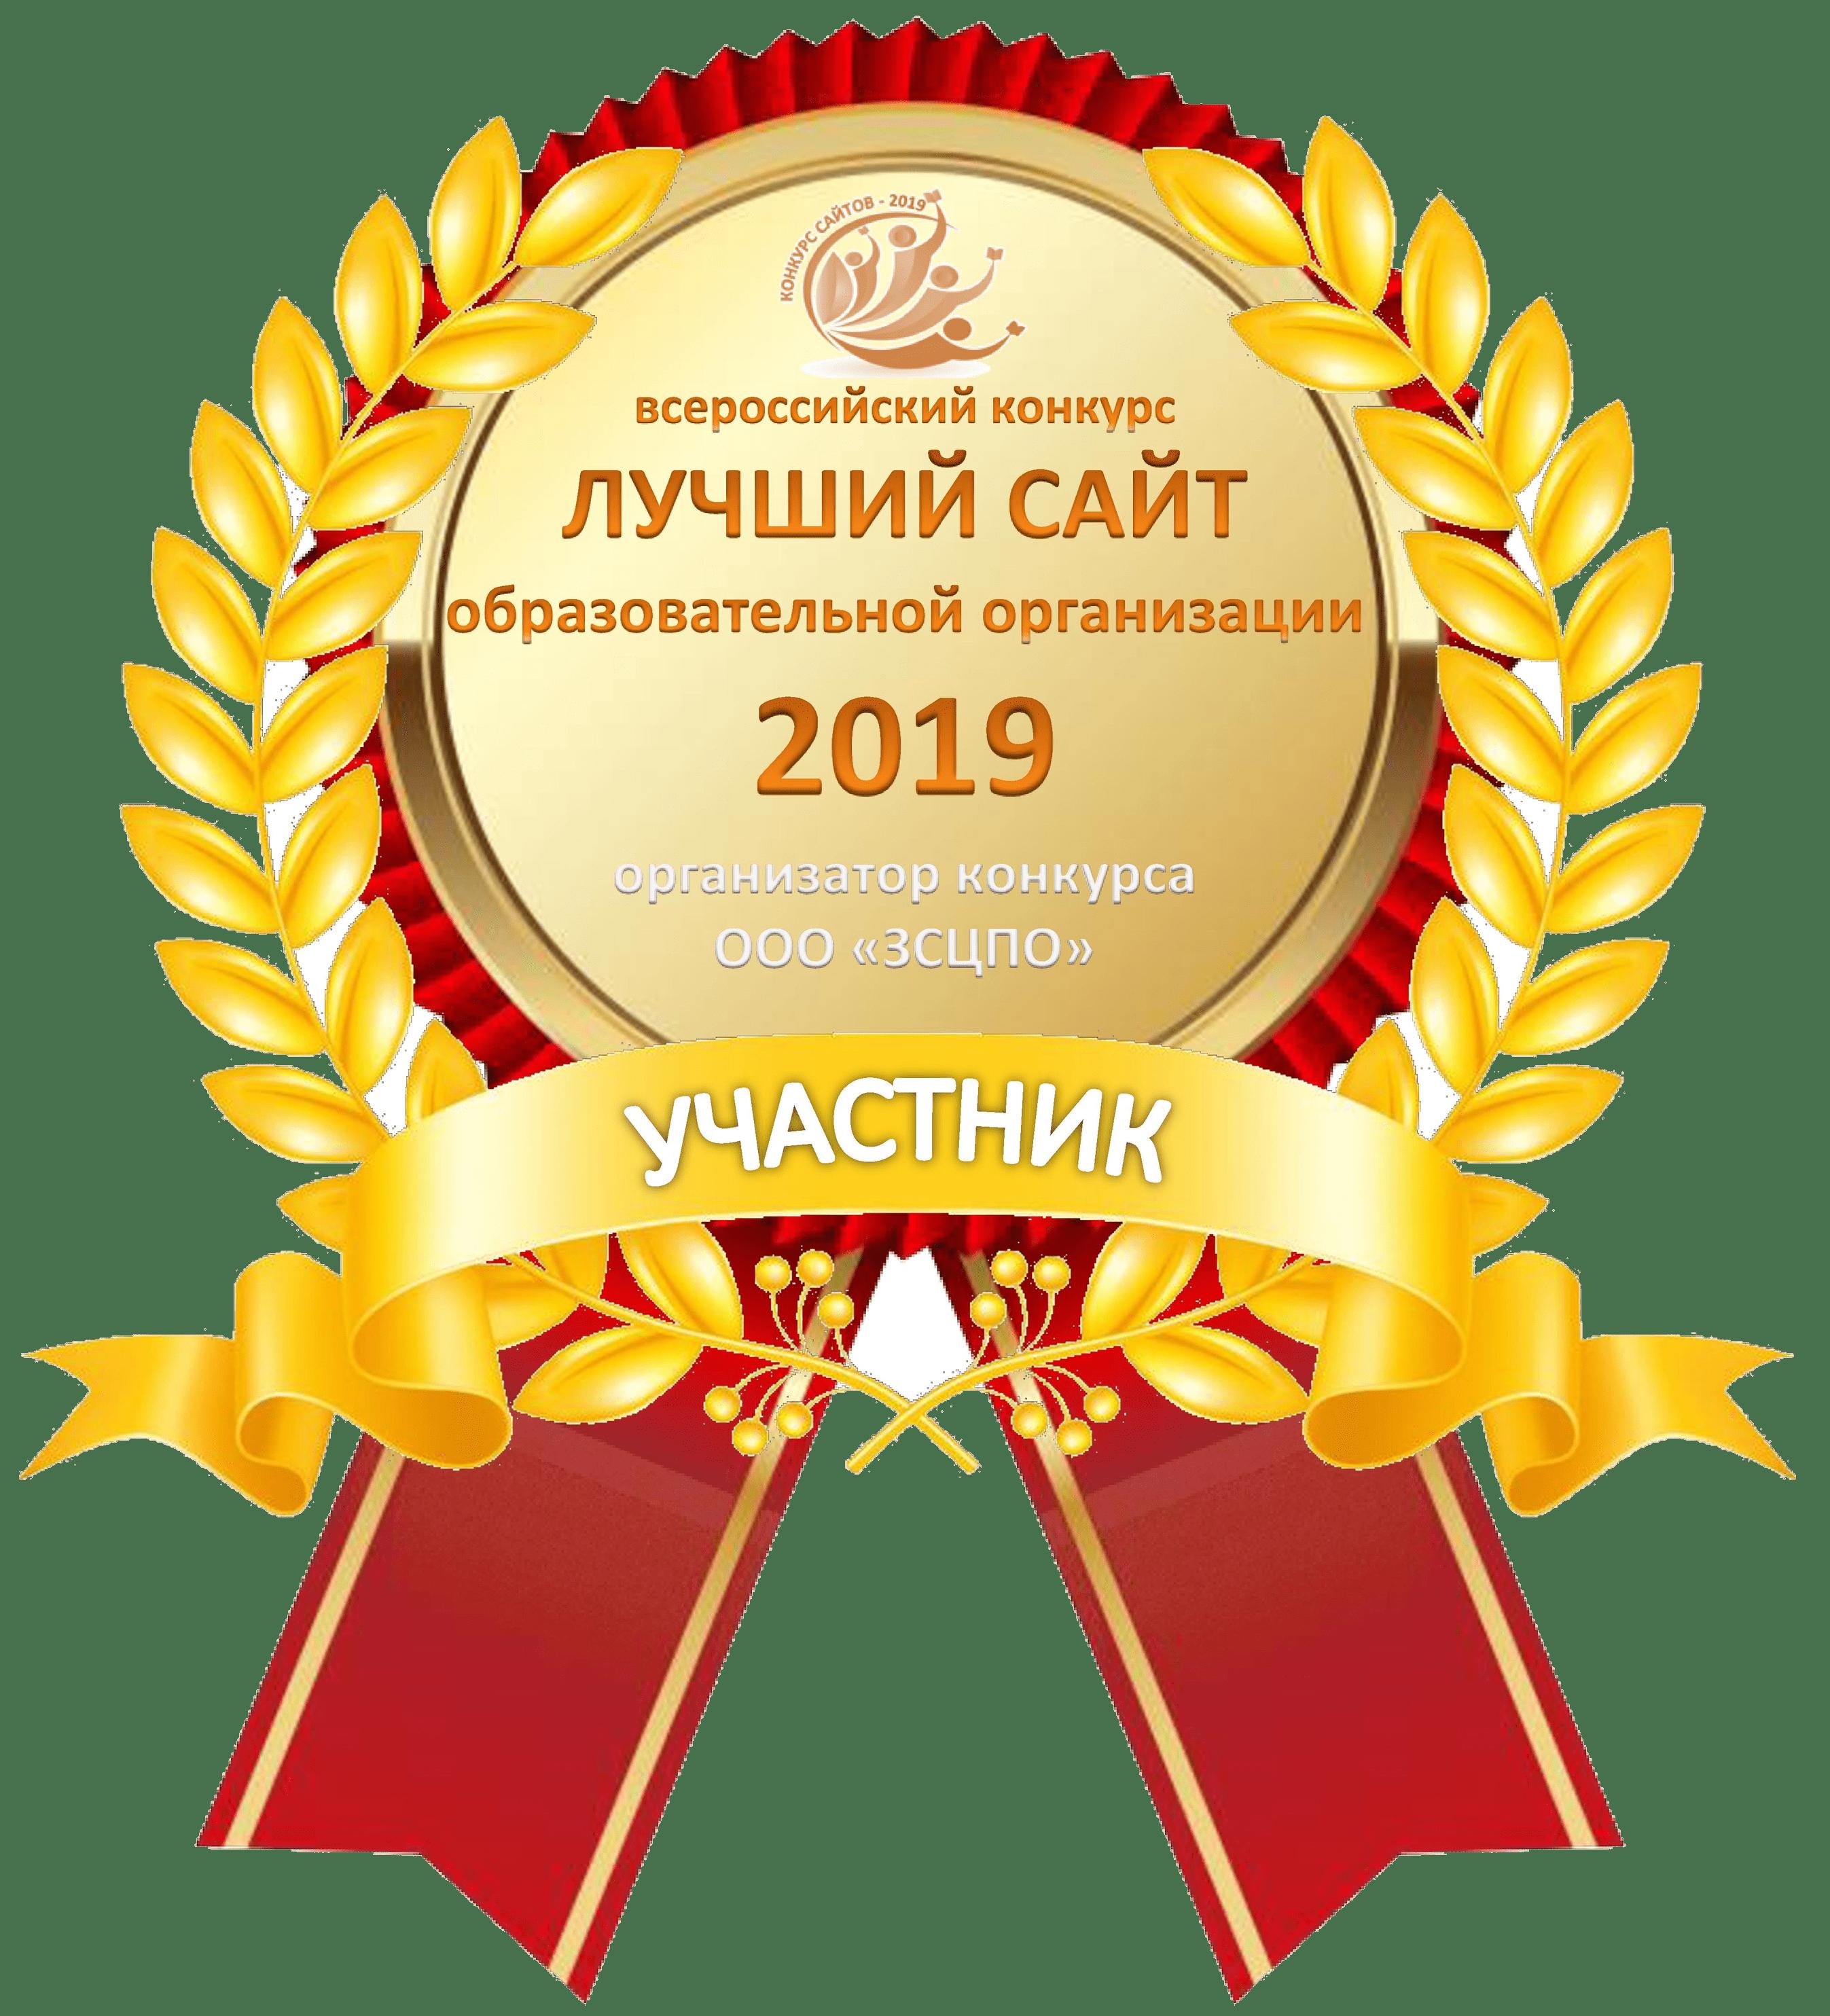 Участник всероссийского конкурса на лучший сайт образовательной организации 2019